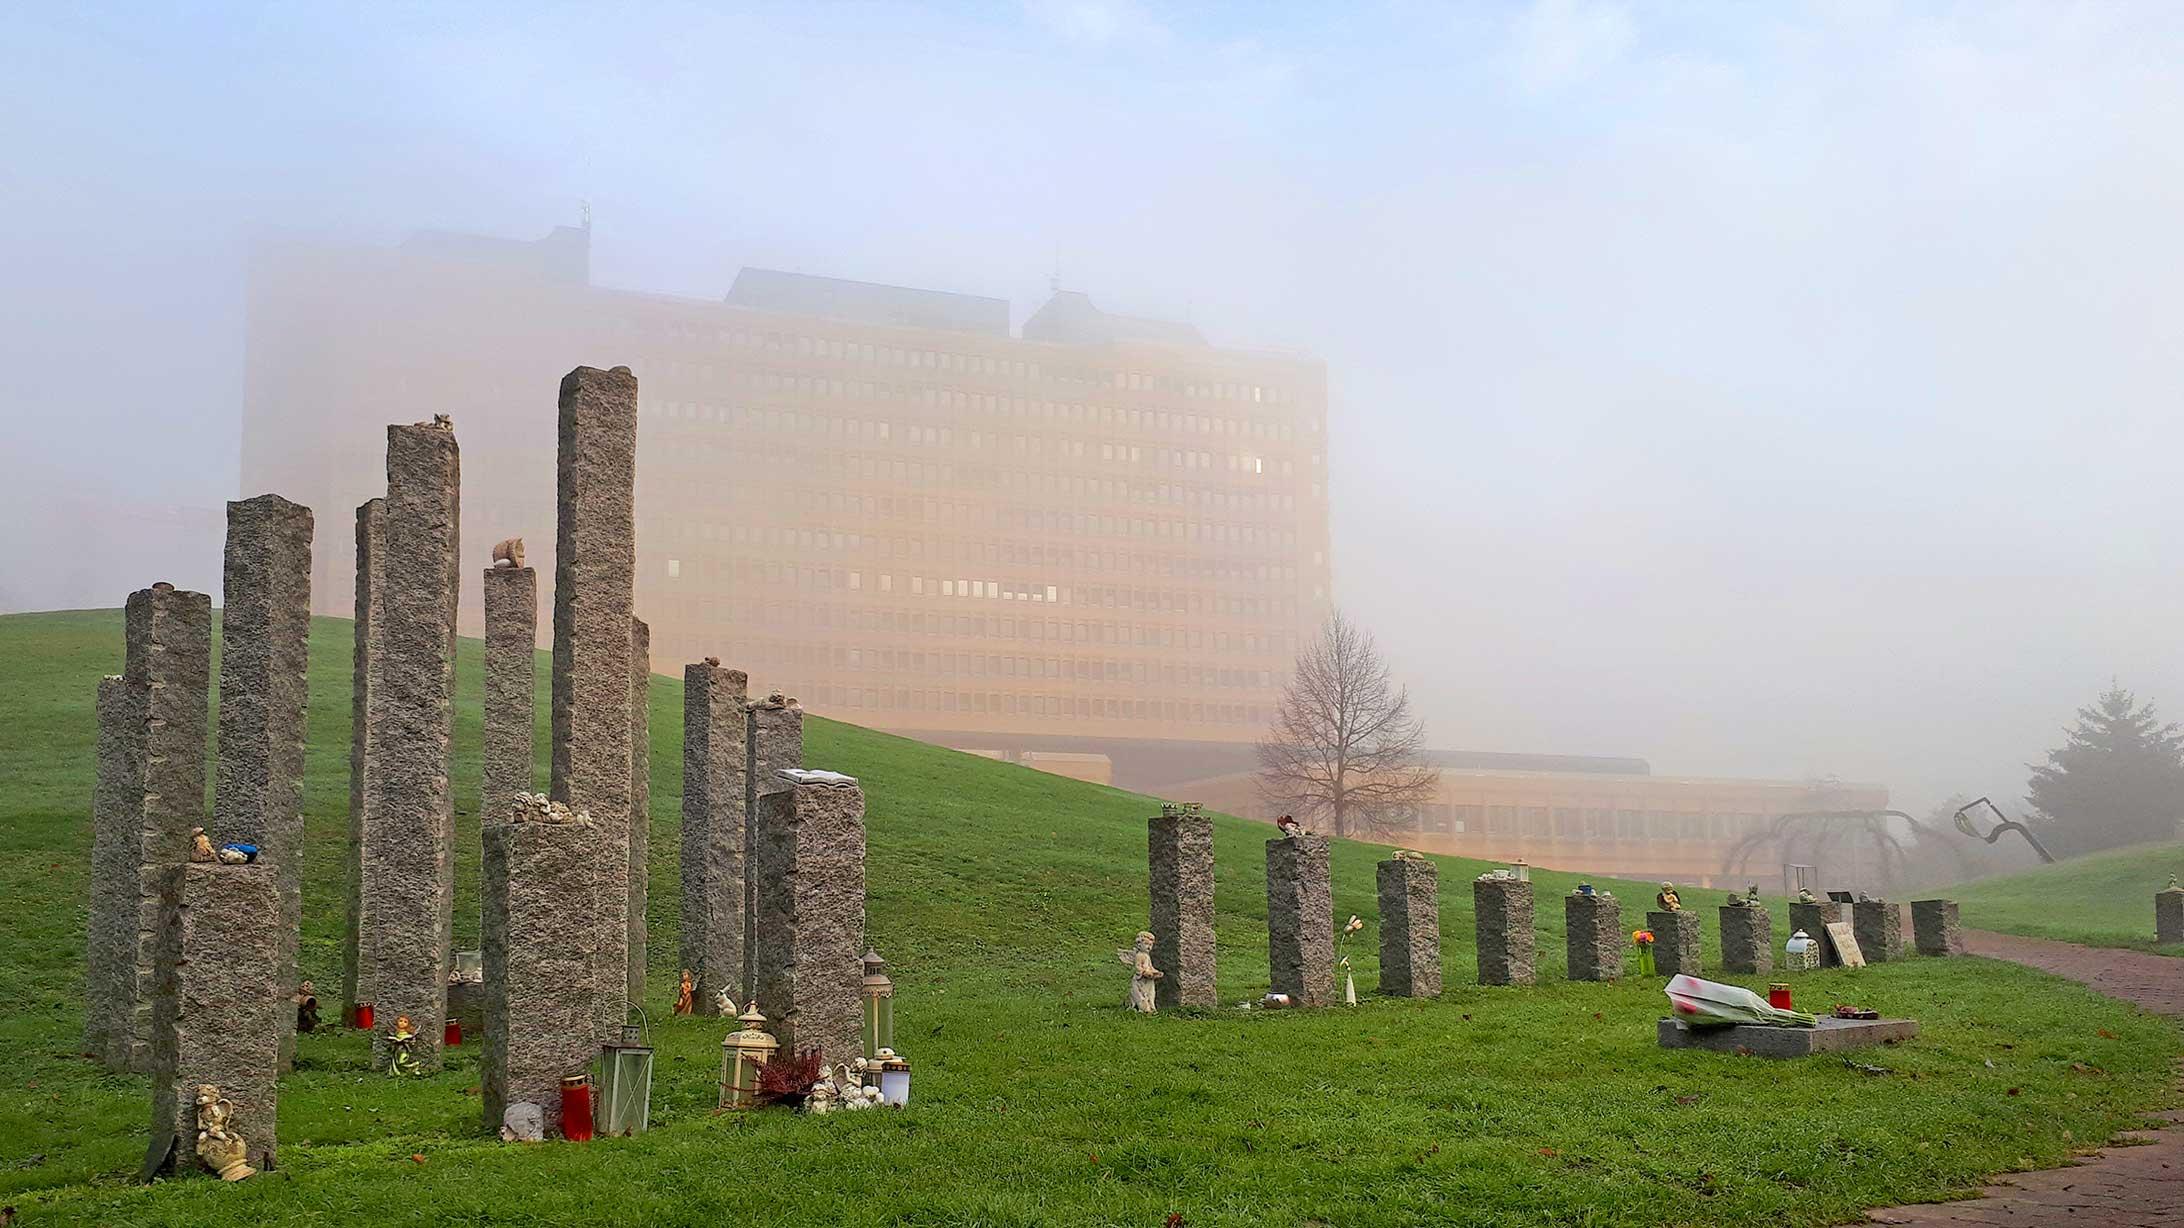 Die Grabstätte für frühverlorene Kinder mit dem KSB-Gebäude im Nebel dahinter